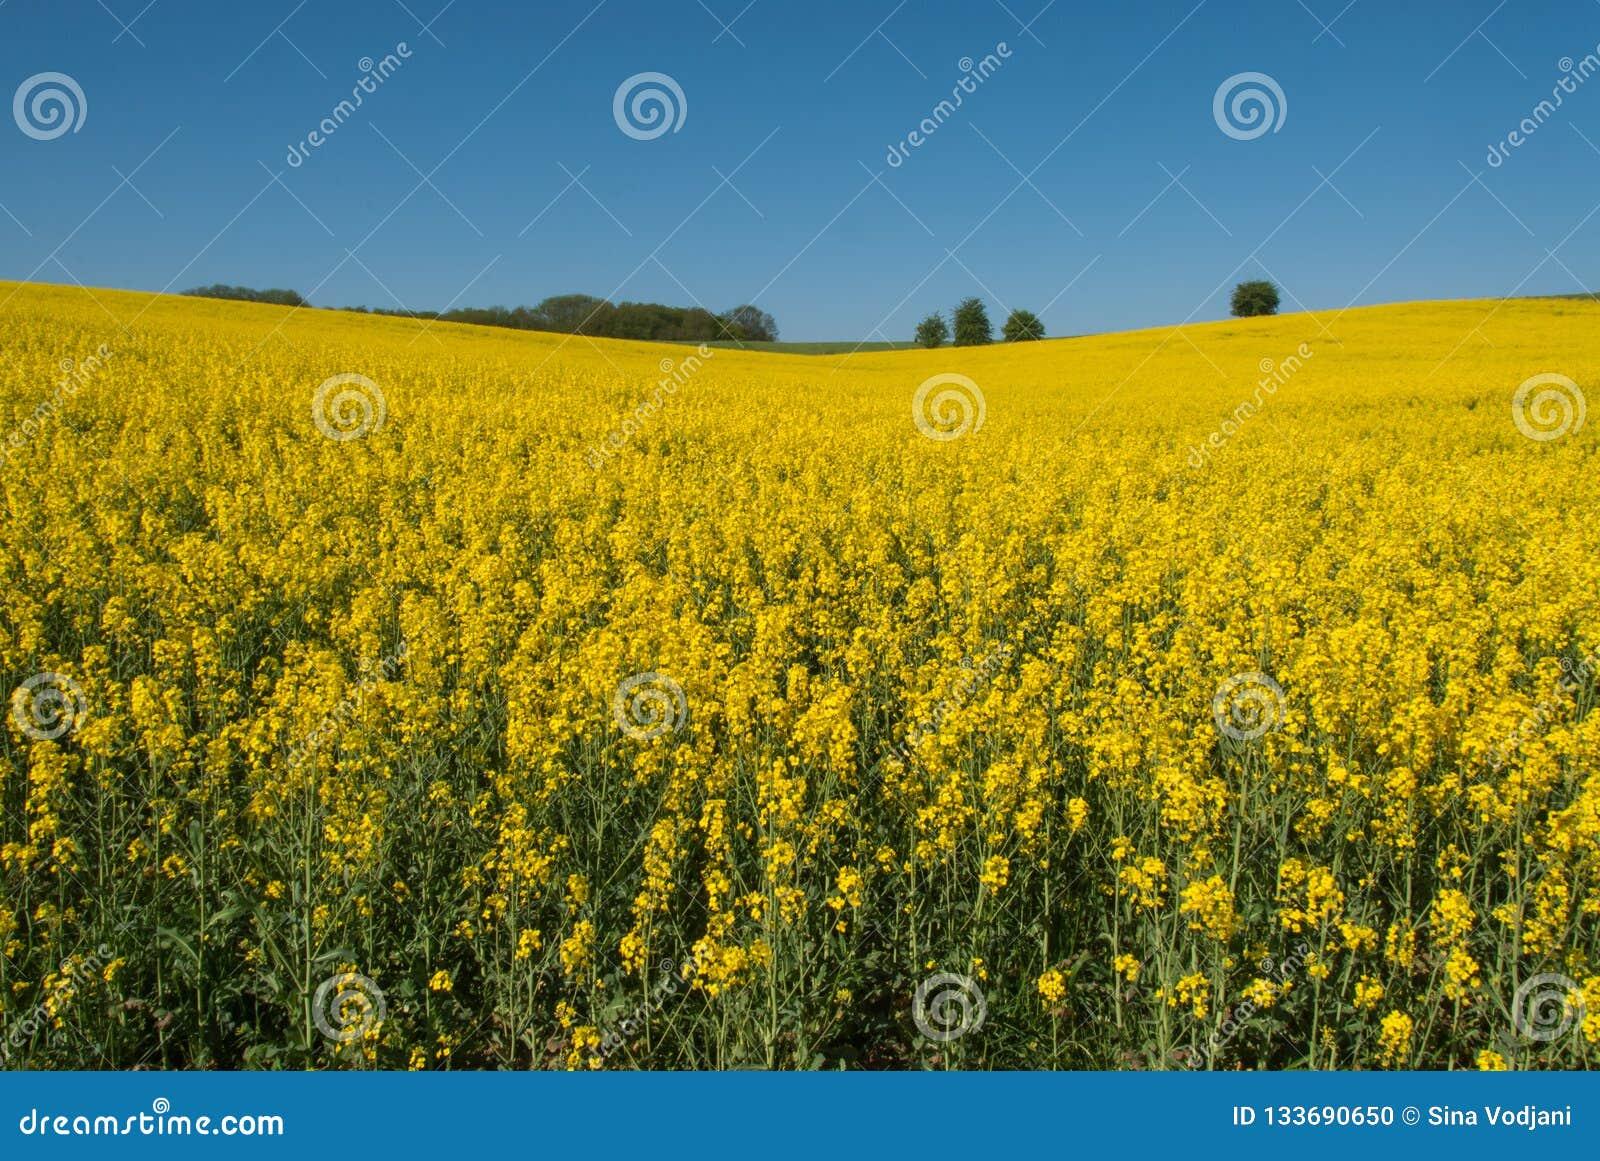 Żółty canola pole, niebieskie niebo i